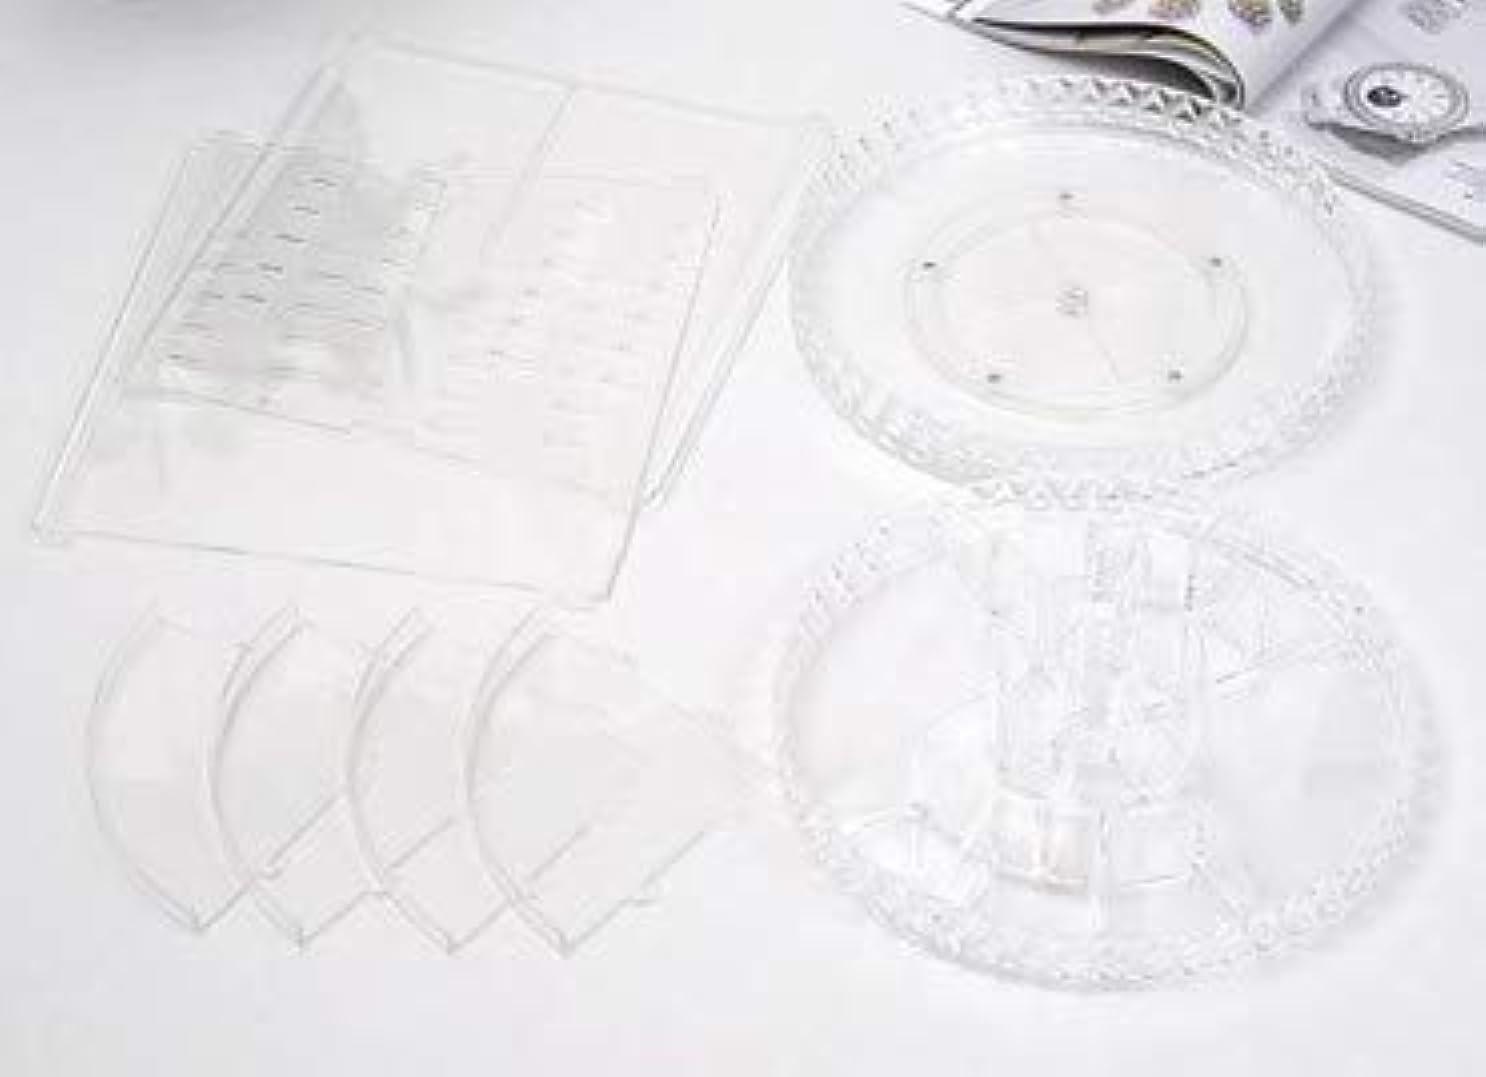 添加友だちジェット回転化粧品収納ボックスダイヤモンド透明化粧品ケーススキンケア製品ディスプレイボックスデスクトップ収納ボックス